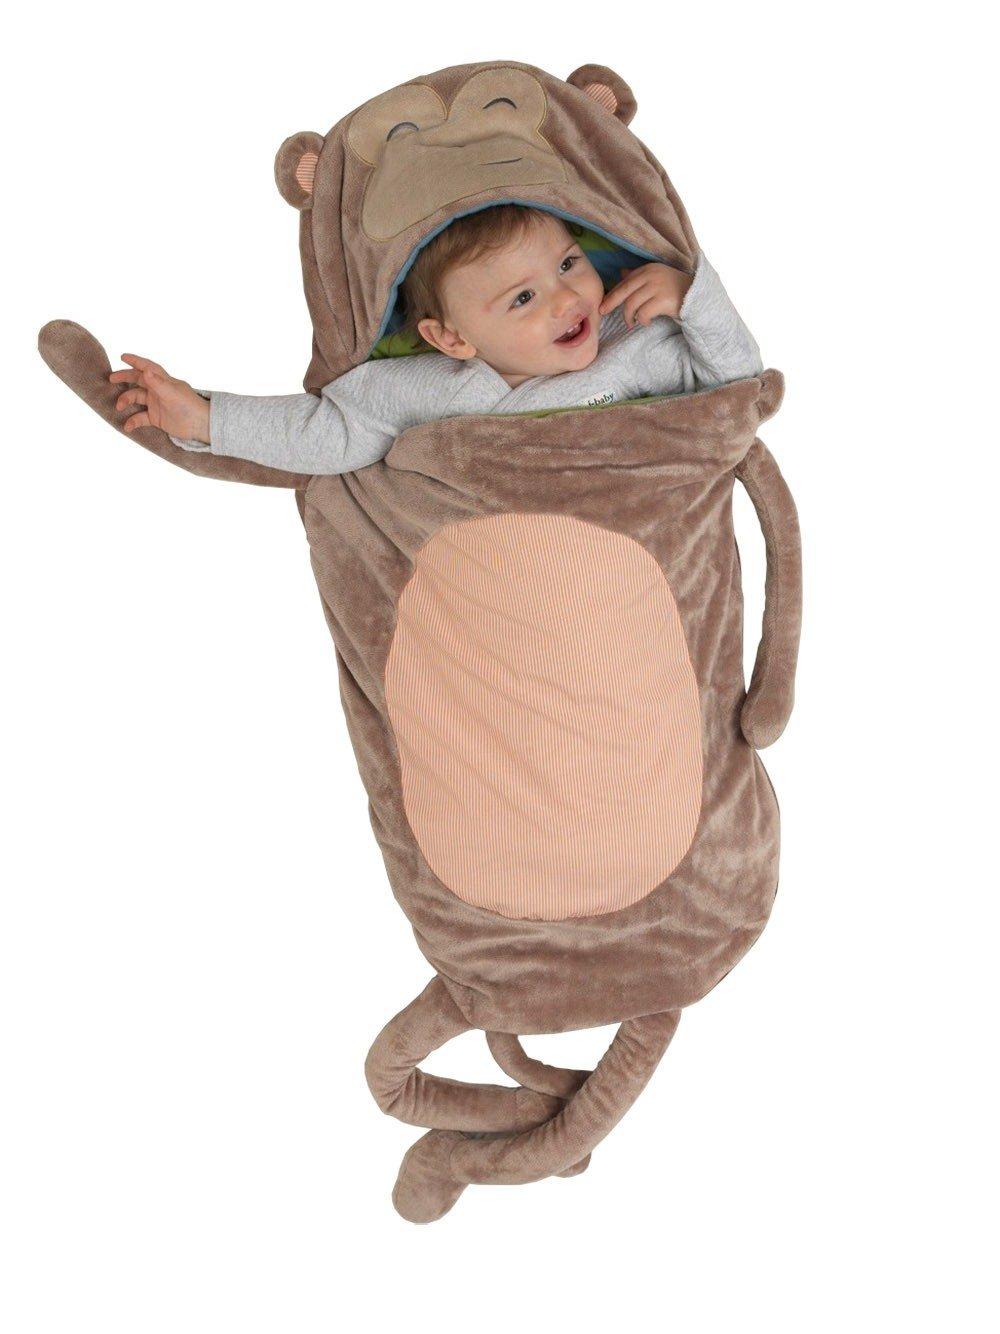 i-Baby Ultra Soft Plush Animal Baby Sleeping Bag Infant Velvet Swaddling Baby Wrap Slumber Sacks, Large Size 18''x43'' to Fit Growing Baby (Monkey)